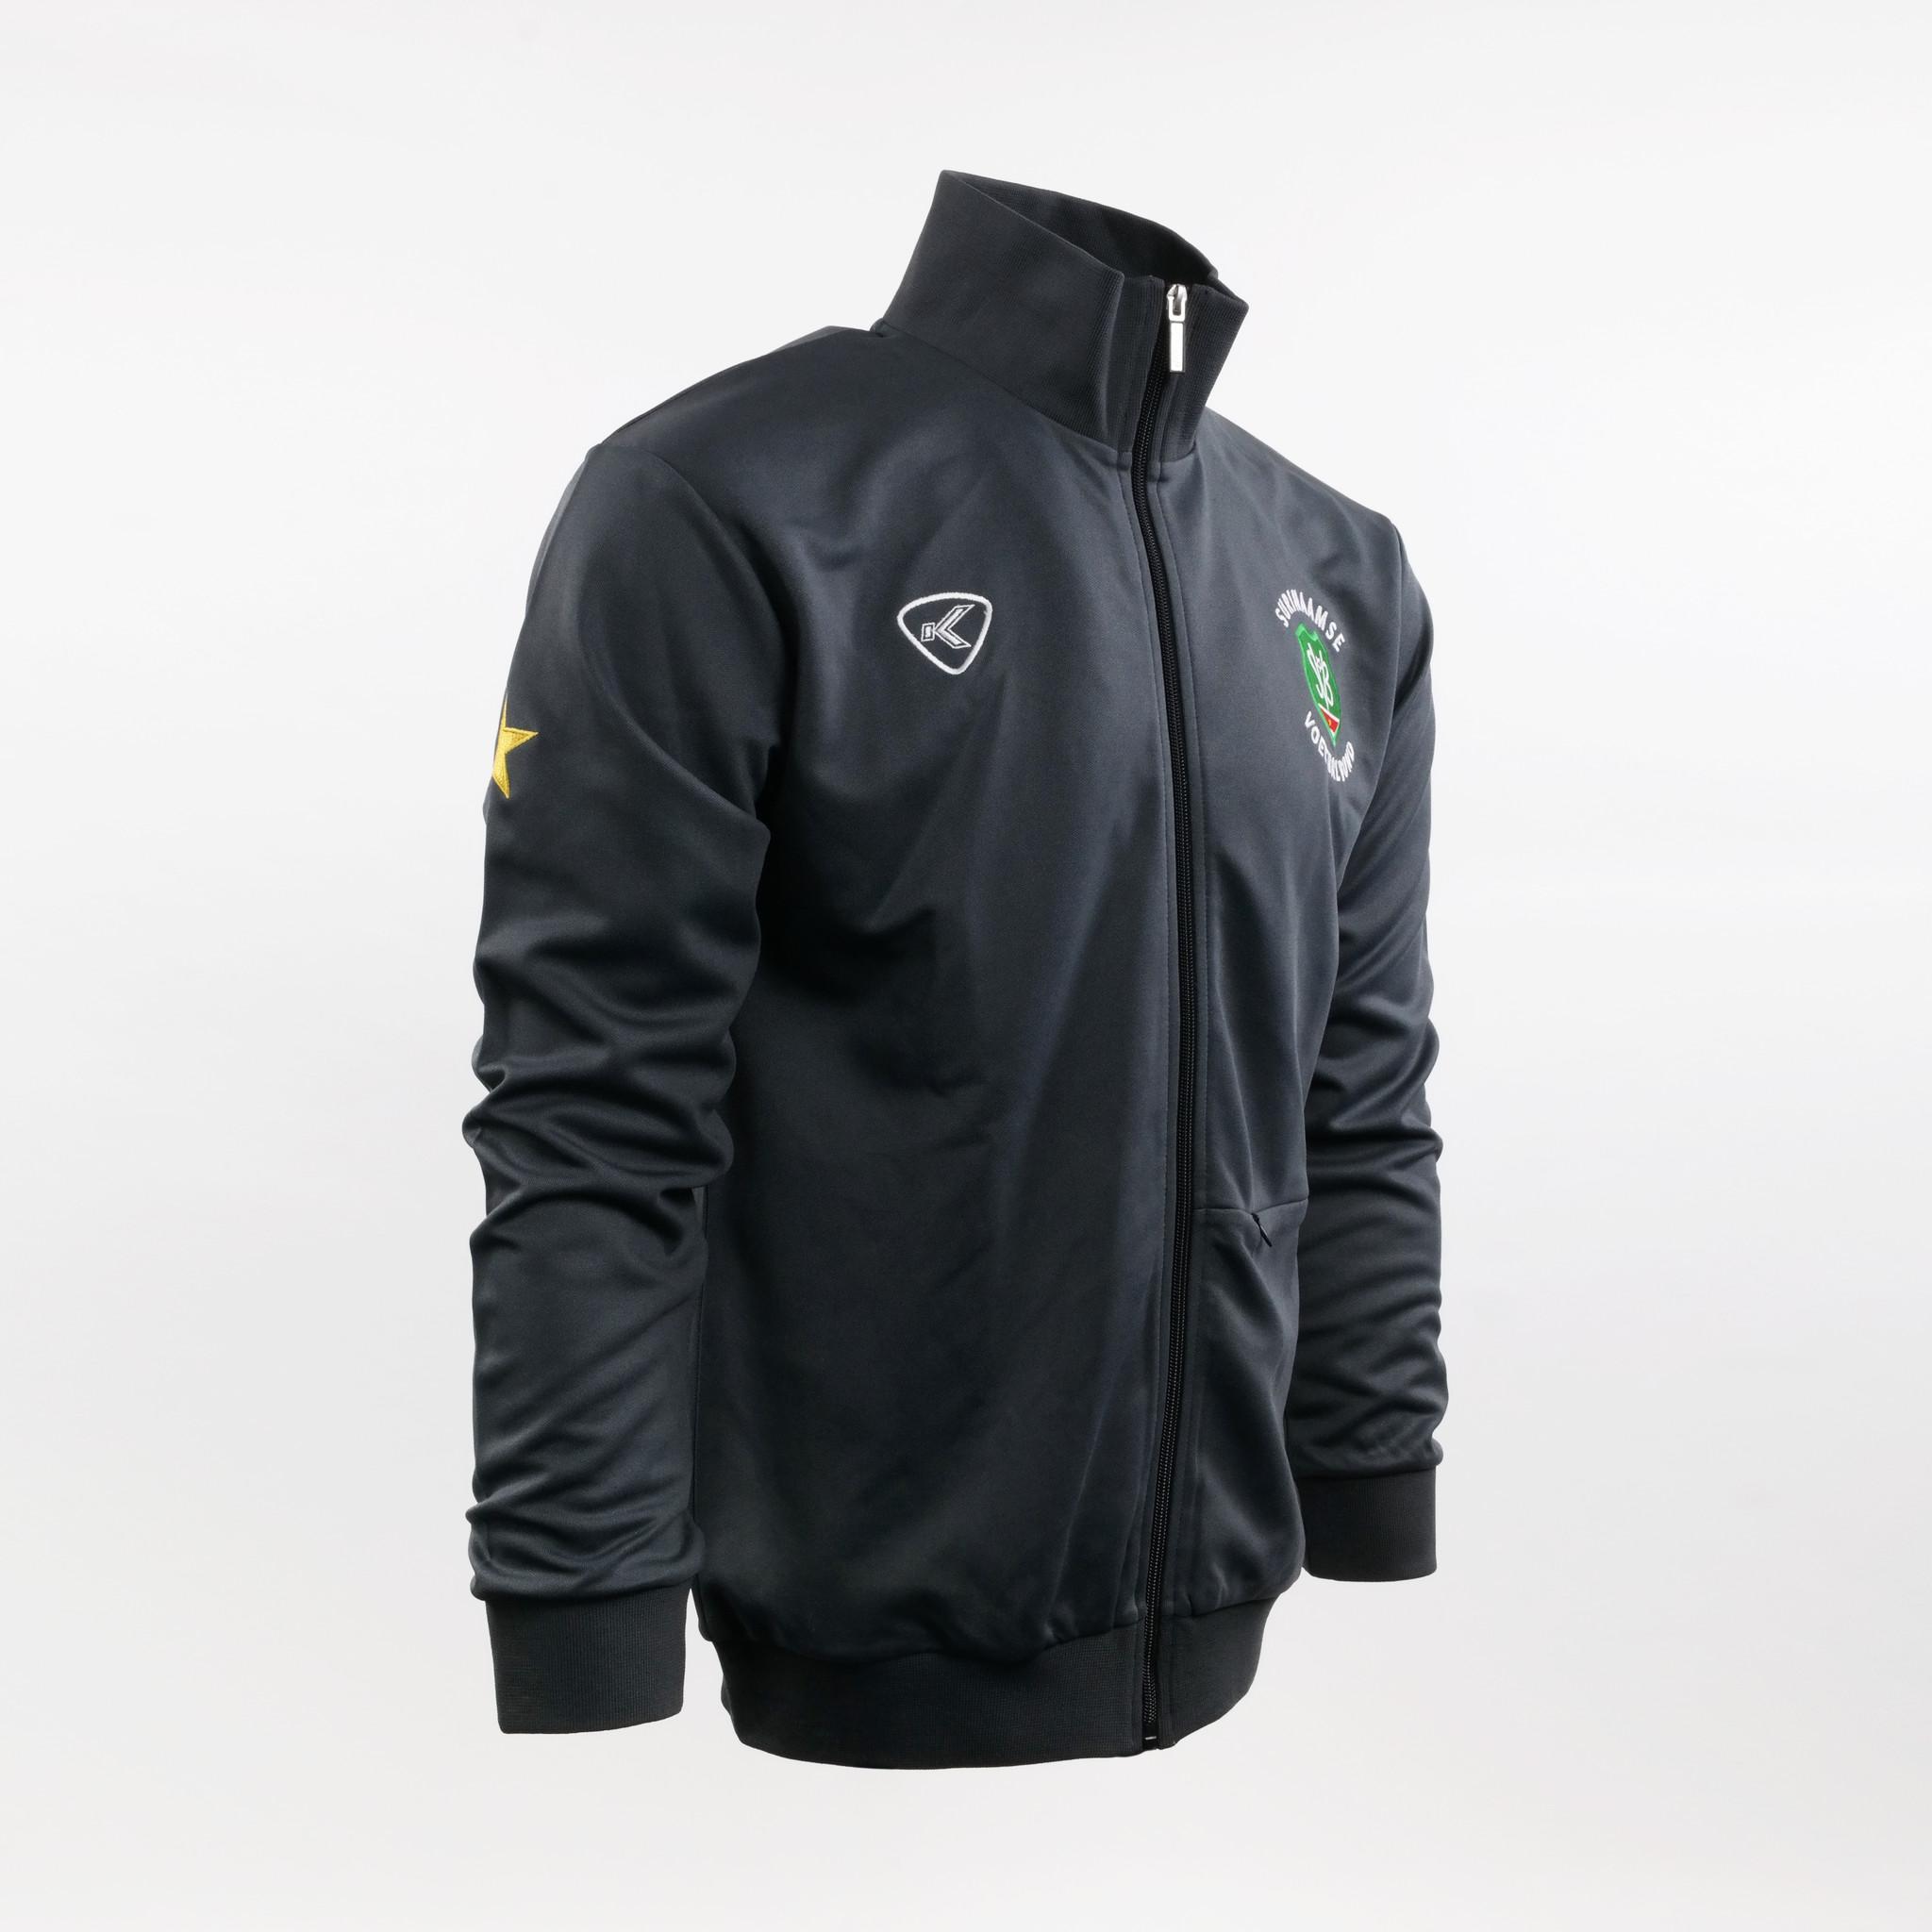 TEST - Retro Jacket